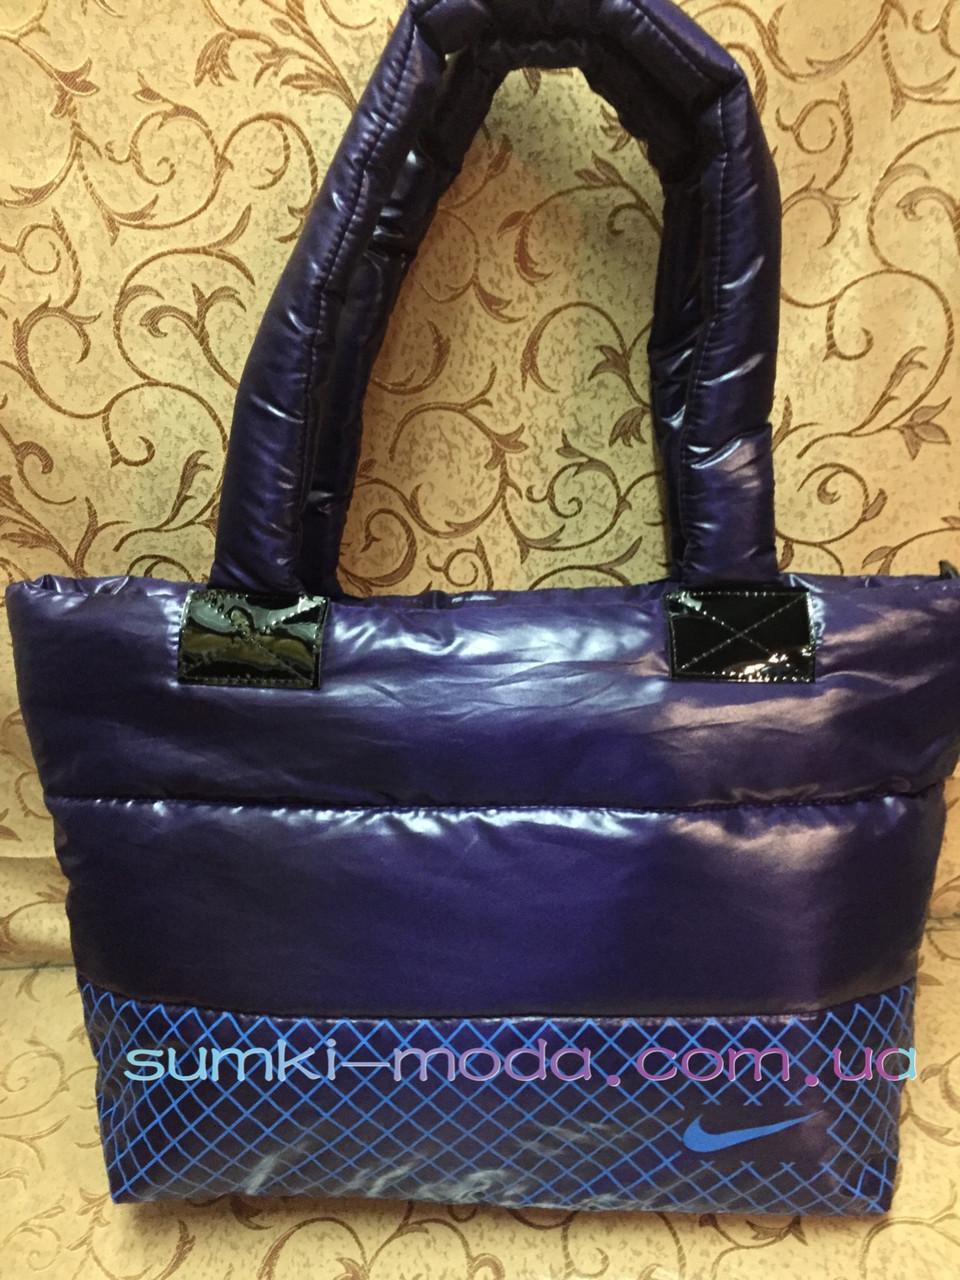 РАСПРОДАЖА Спортивная сумка найк nike Хлопок дутая стильный только оптом d8d63766a84